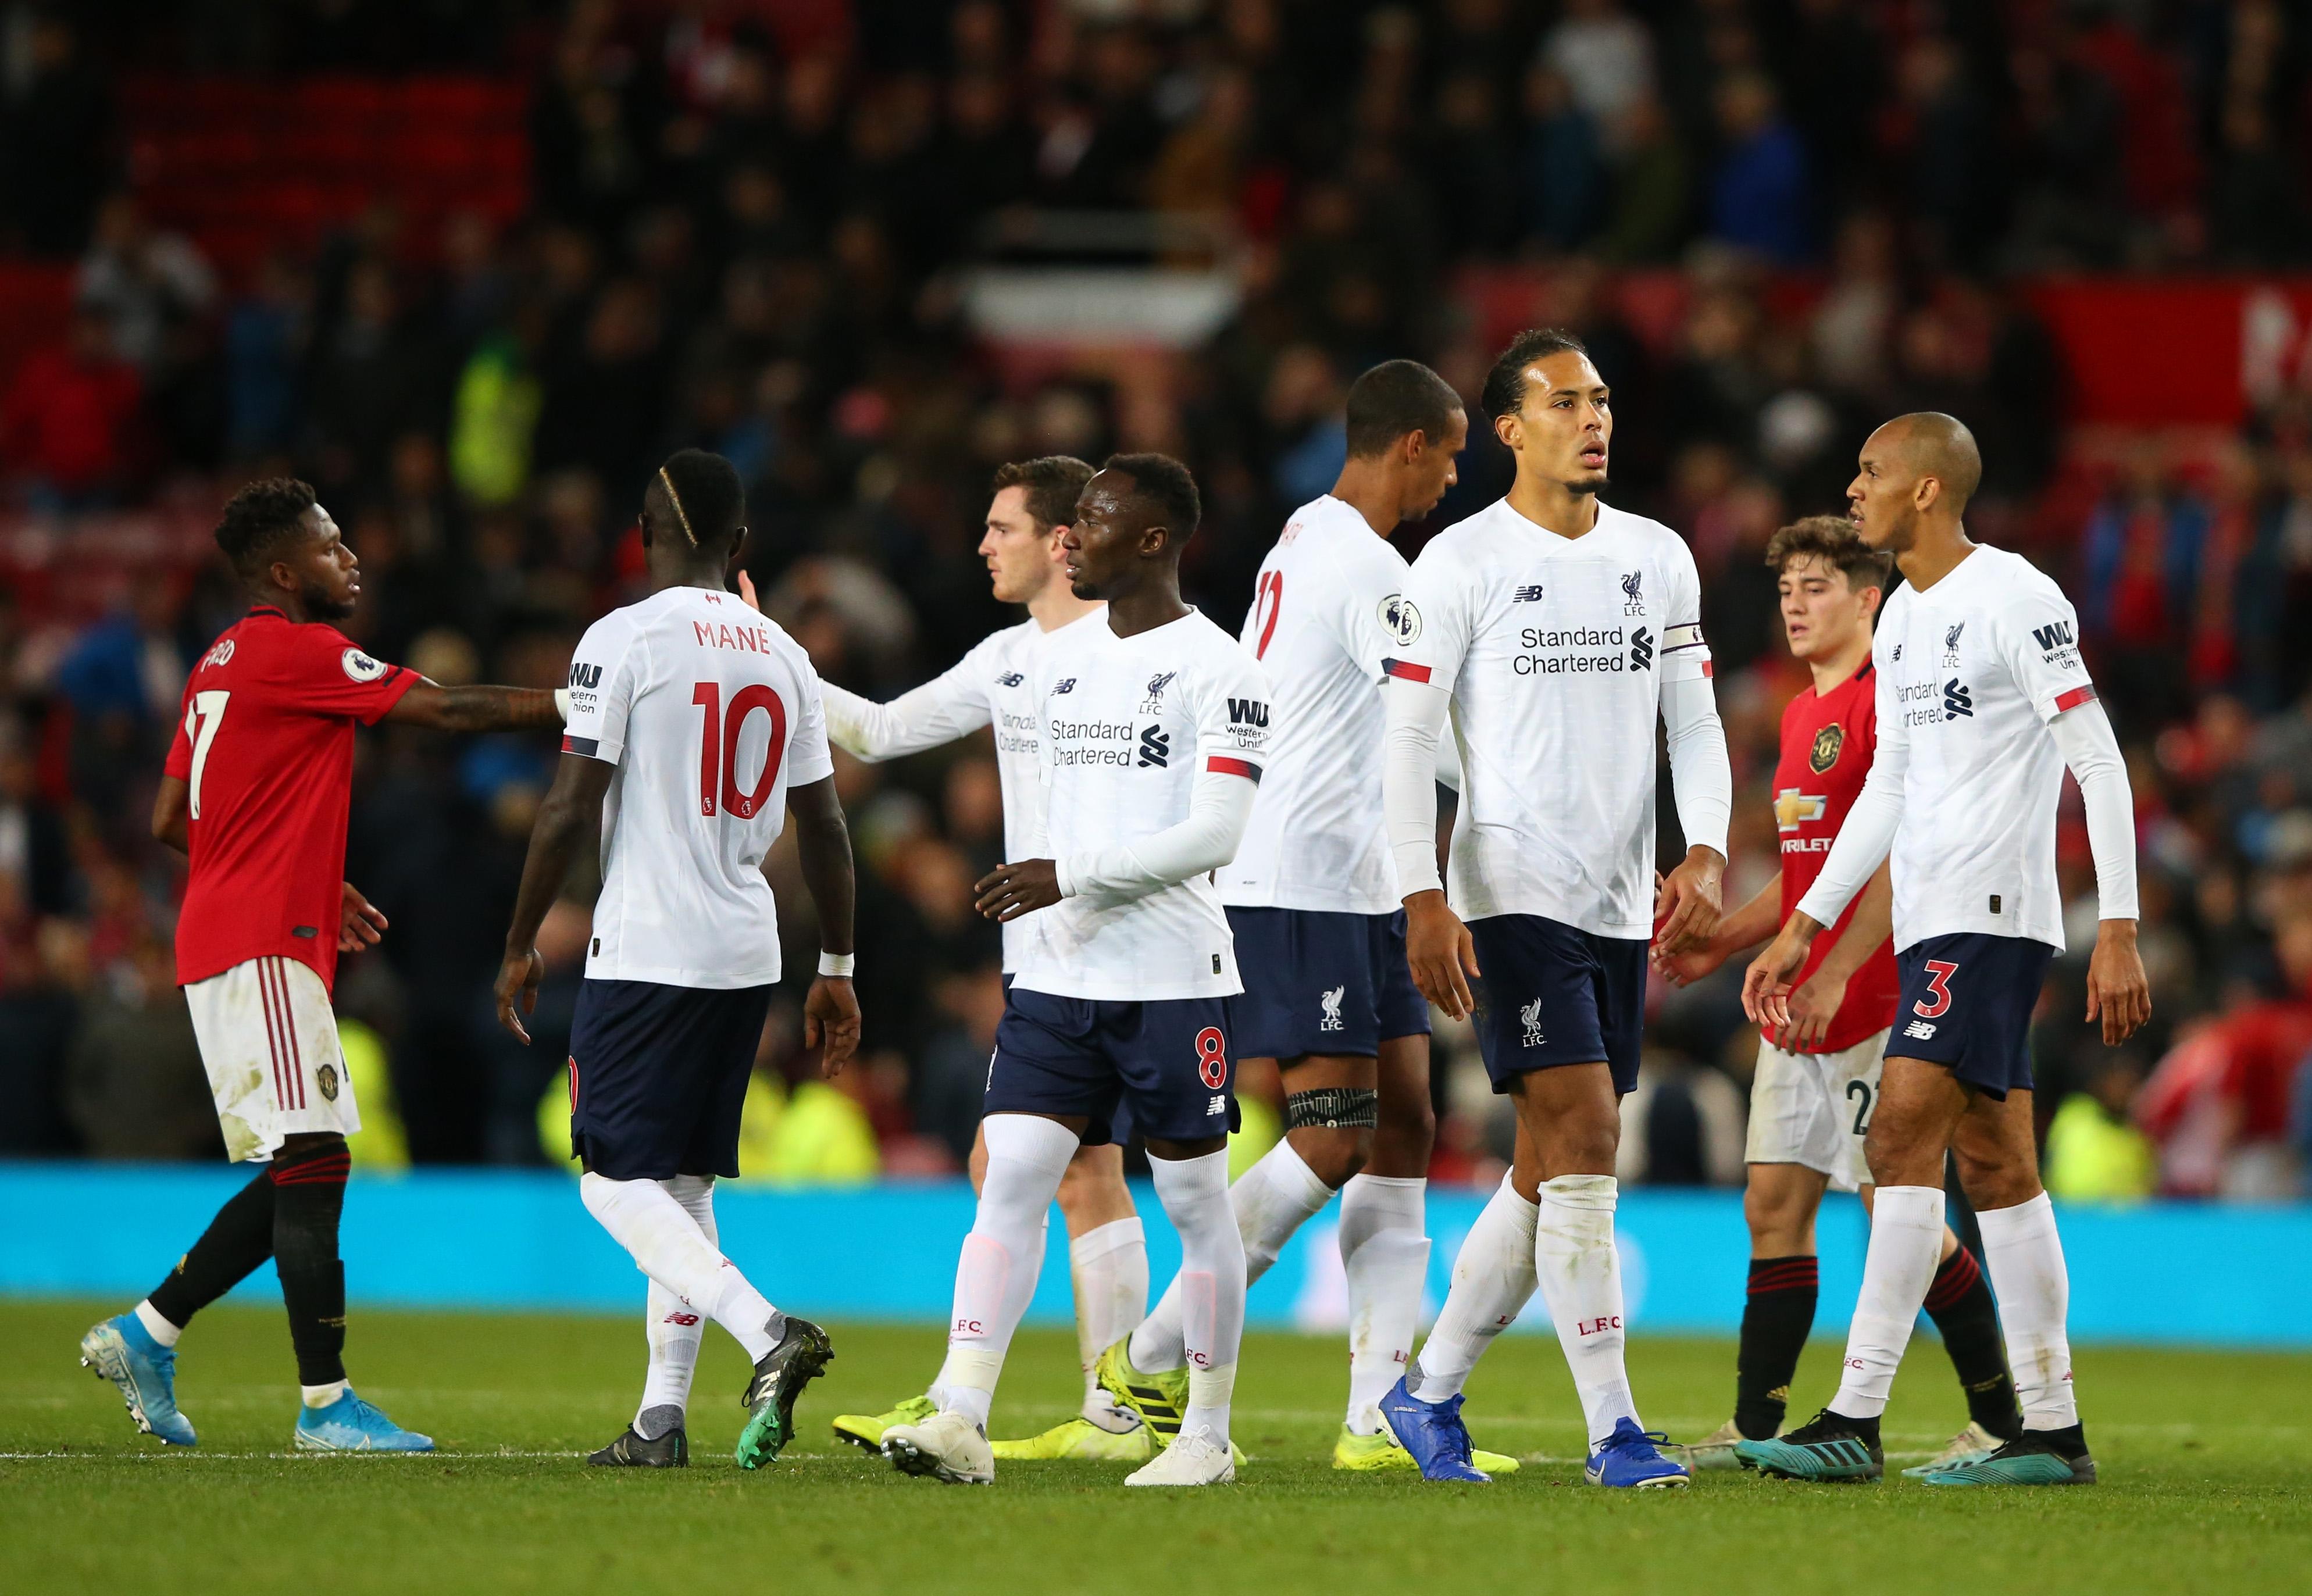 Голямото дерби на Англия Манчестър Юнайтед срещу Ливърпул си остава